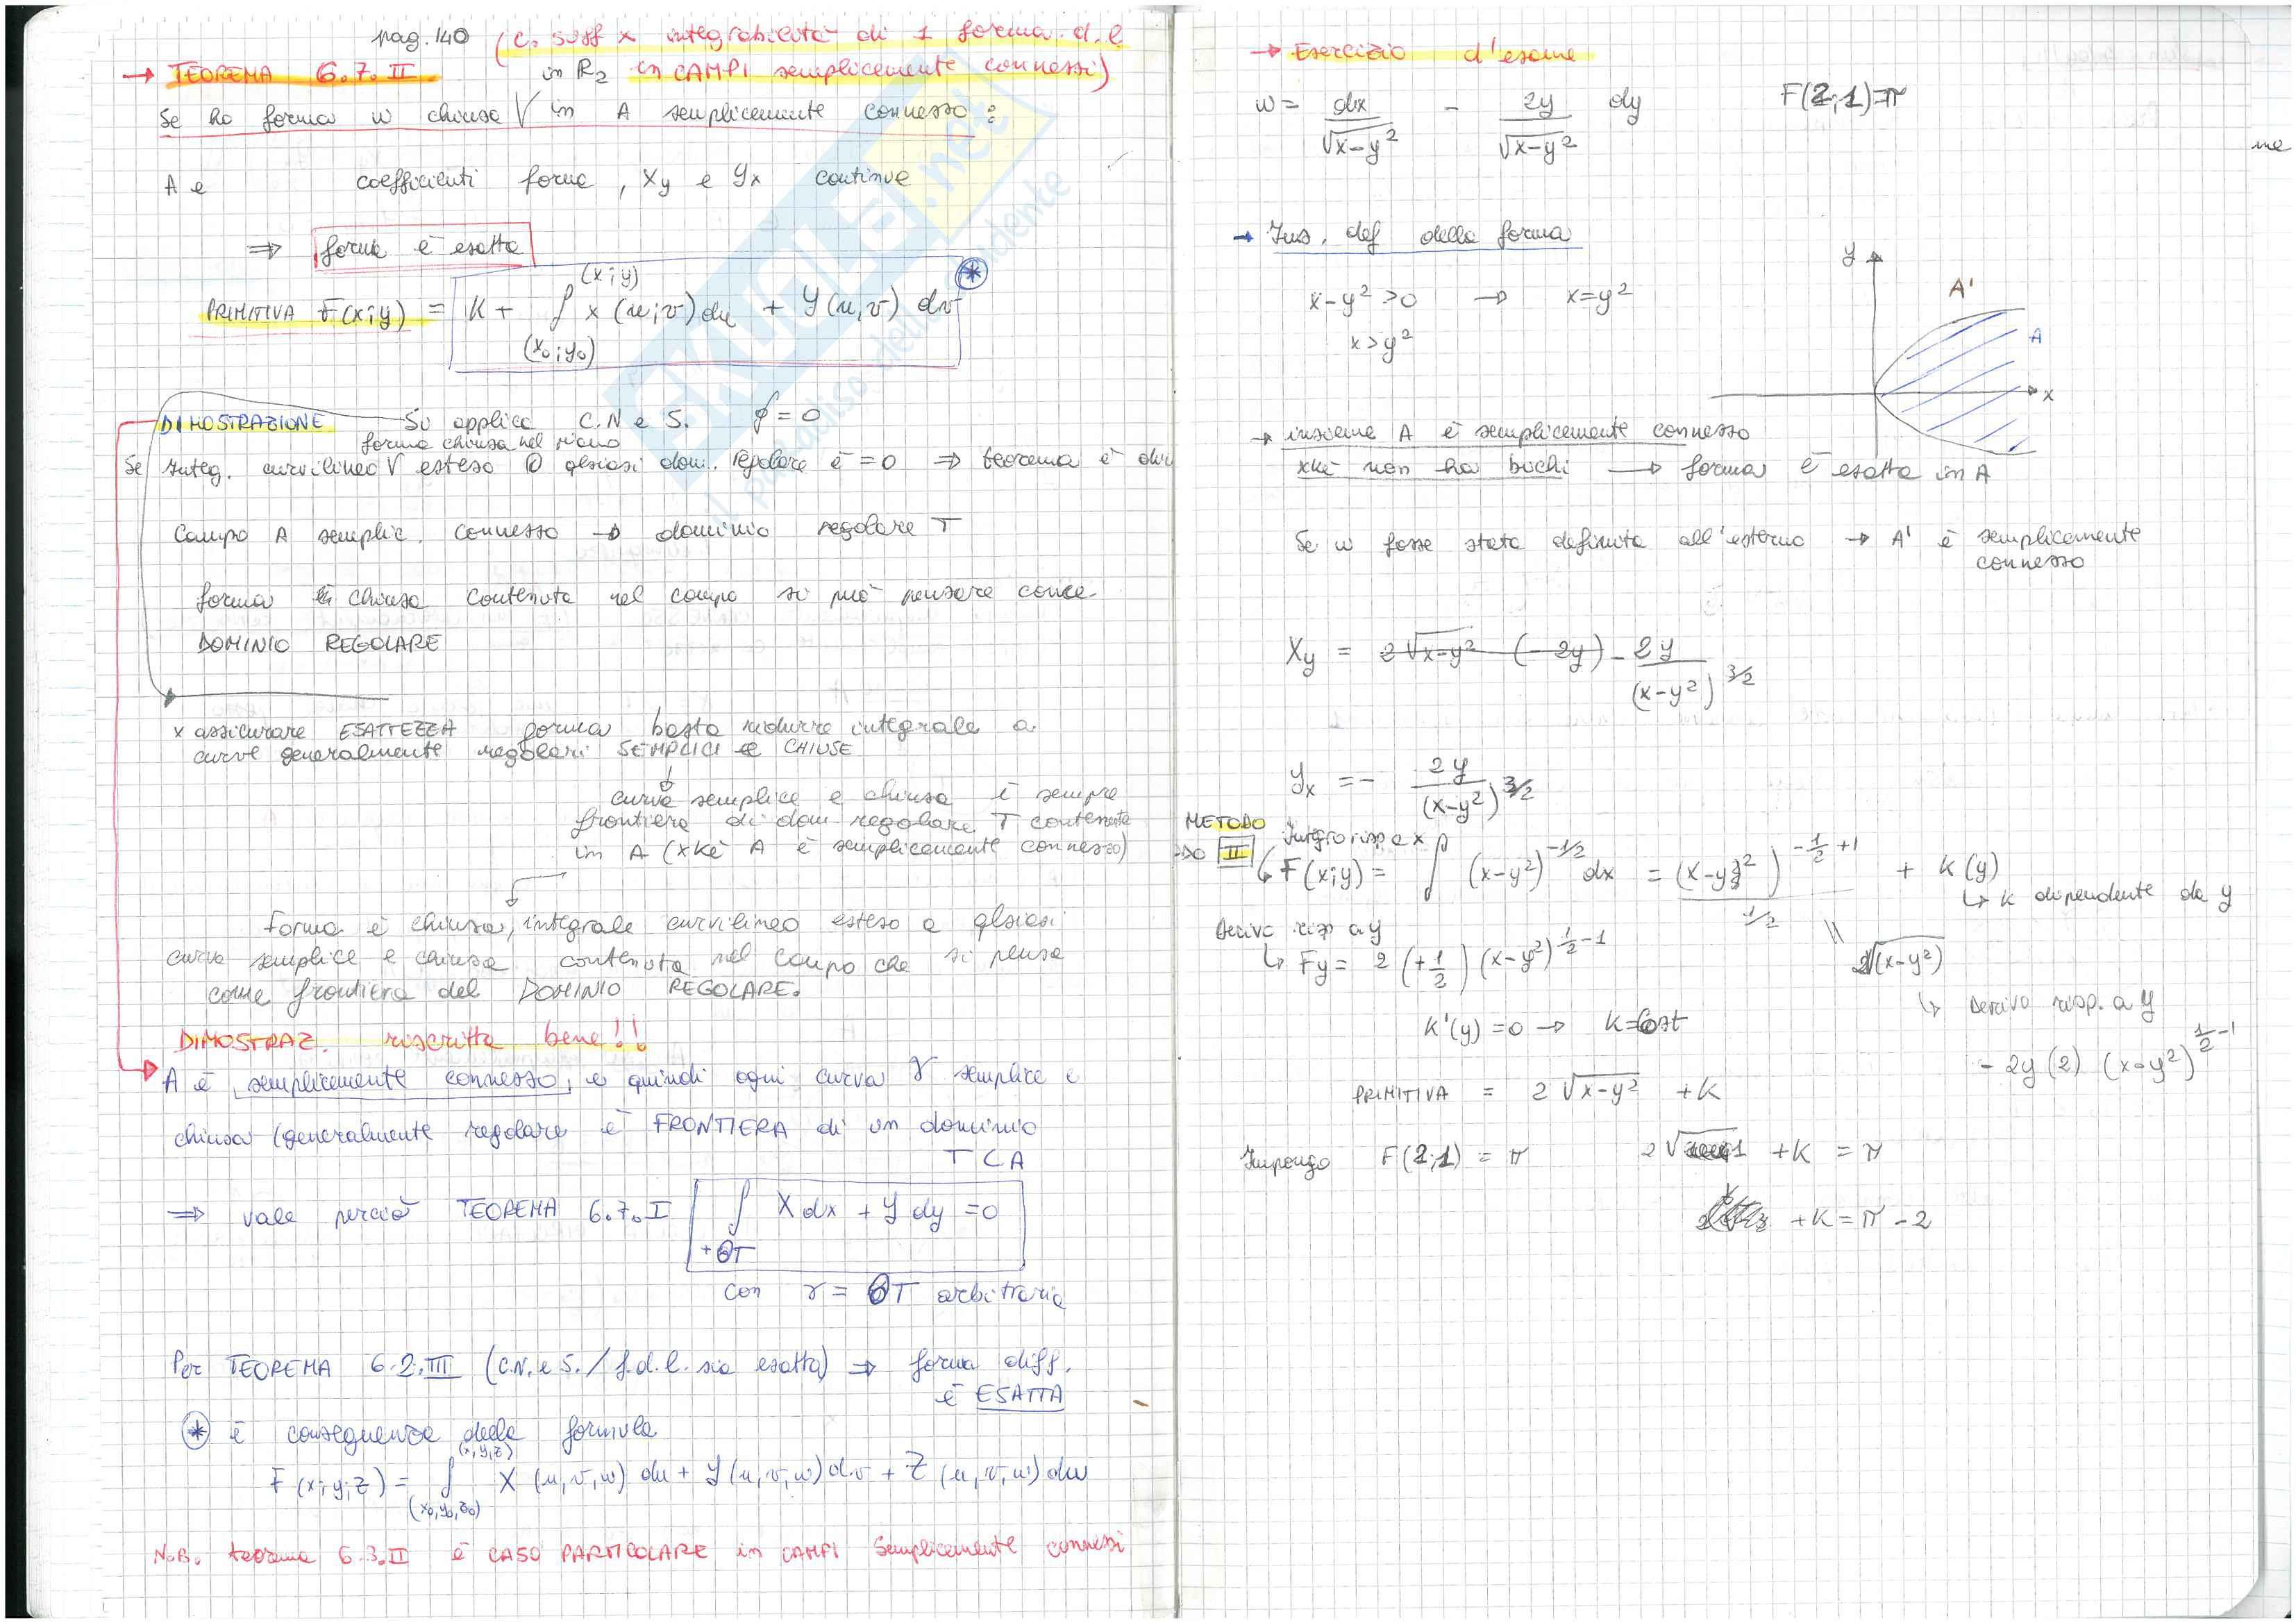 (2/3) Appunti presi a lezione di Analisi matematica 2, prof. M. R. Martinelli, libri consigliati Elementi di Analisi Matematica 2 – Fusco, Marcellini, Sbordone e Analisi Matematica 2 – Ghizzetti, Rosati Pag. 31